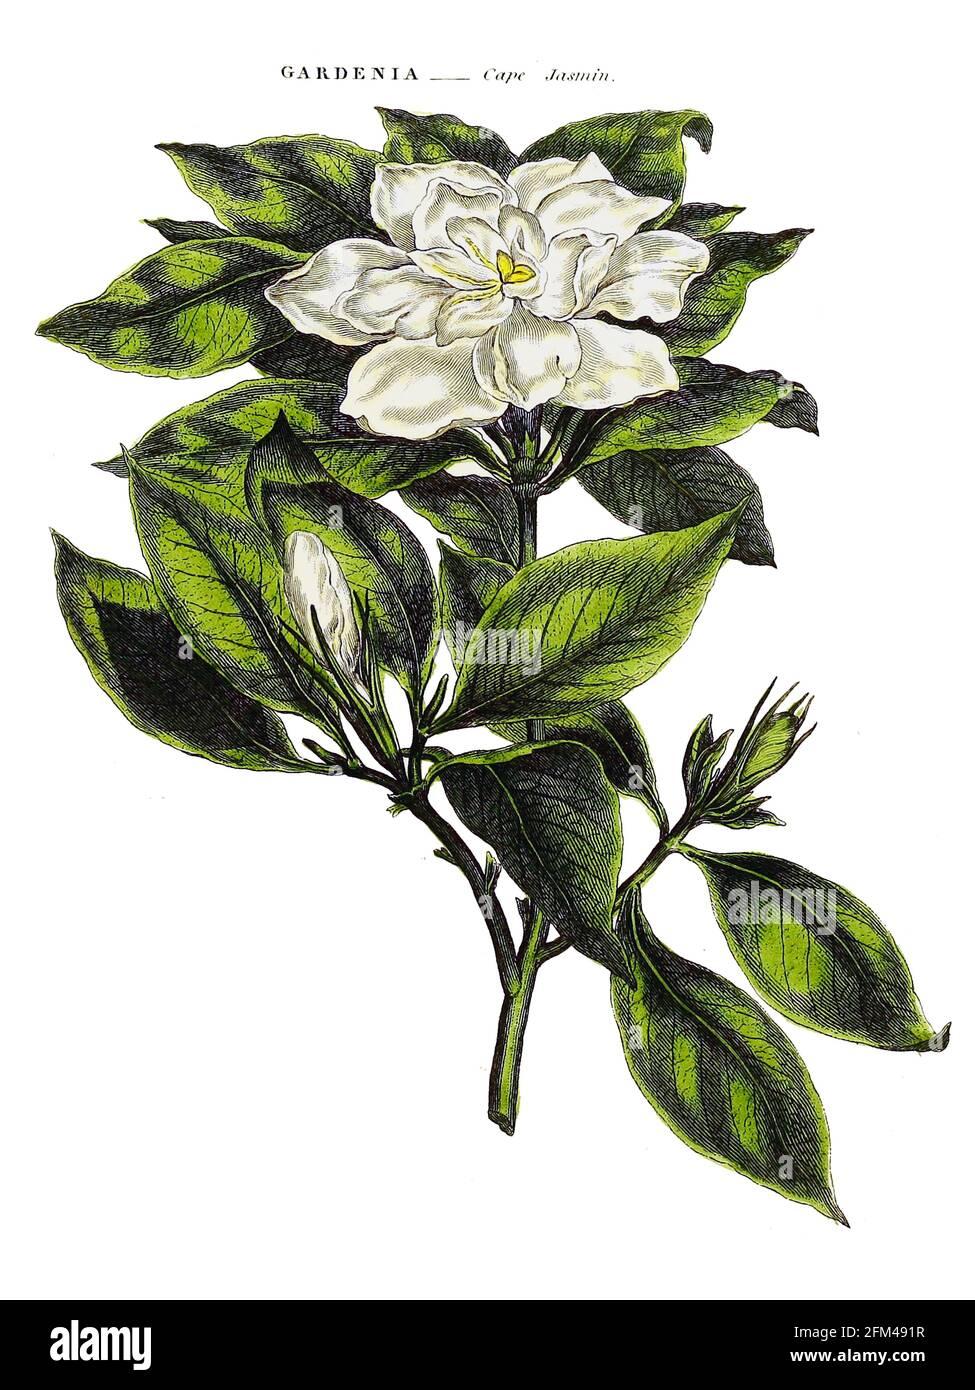 Gardenia, Cape Jasmine [aquí como Cape Jasmin], del Vol 1 del libro La herbaria universal : o diccionario botánico, médico y agrícola : conteniendo una cuenta de todas las plantas conocidas en el mundo, arreglado según el sistema linneano. Especificando los usos a los que son o pueden ser aplicados por Thomas Green, Publicado en 1816 por Nuttall, Fisher & Co. En Liverpool e Impreso en la Caxton Press por H. Fisher Foto de stock